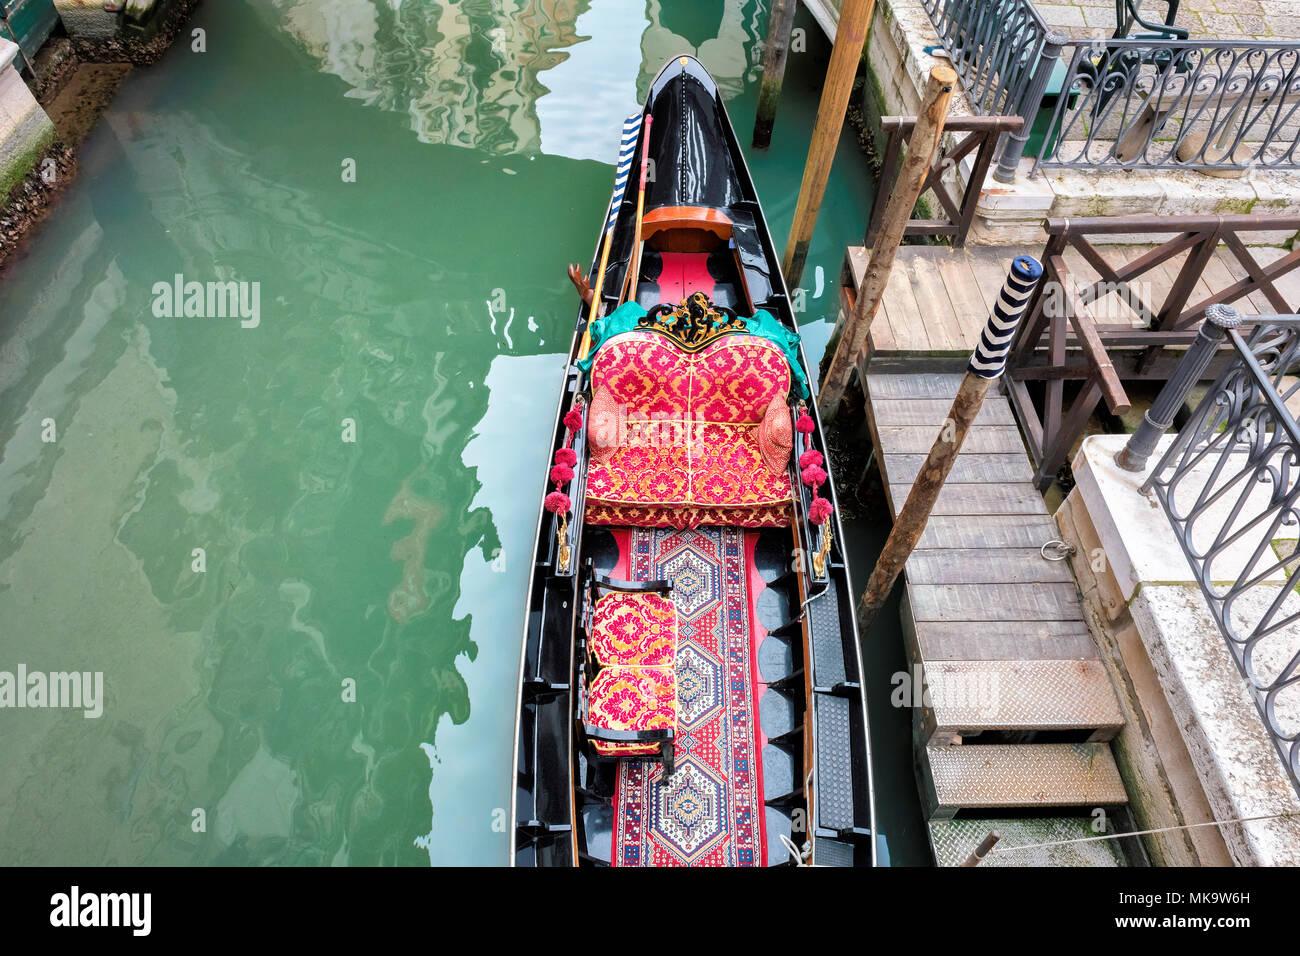 Paisaje de Venecia. Canal veneciano con la góndola en Venecia, Italia. Imagen De Stock